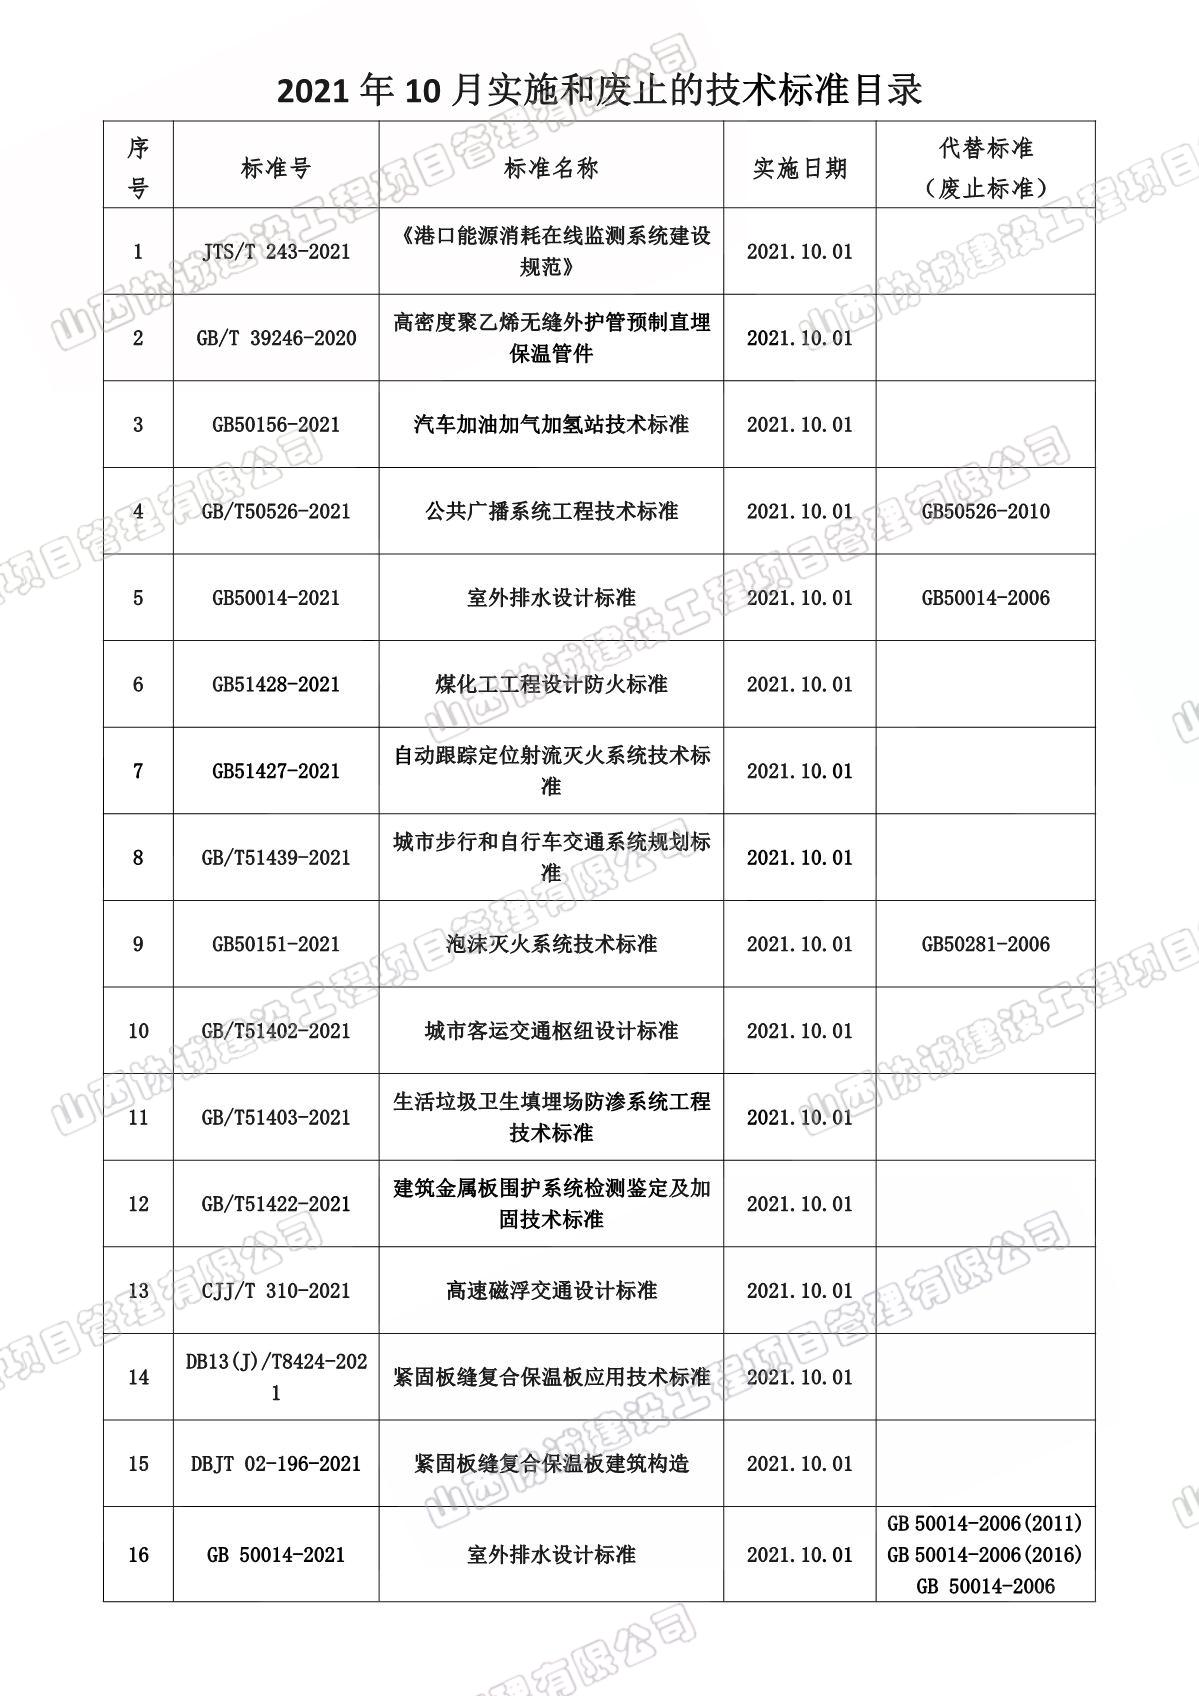 10月份實施和廢止法律法規、標準目錄_1.JPG